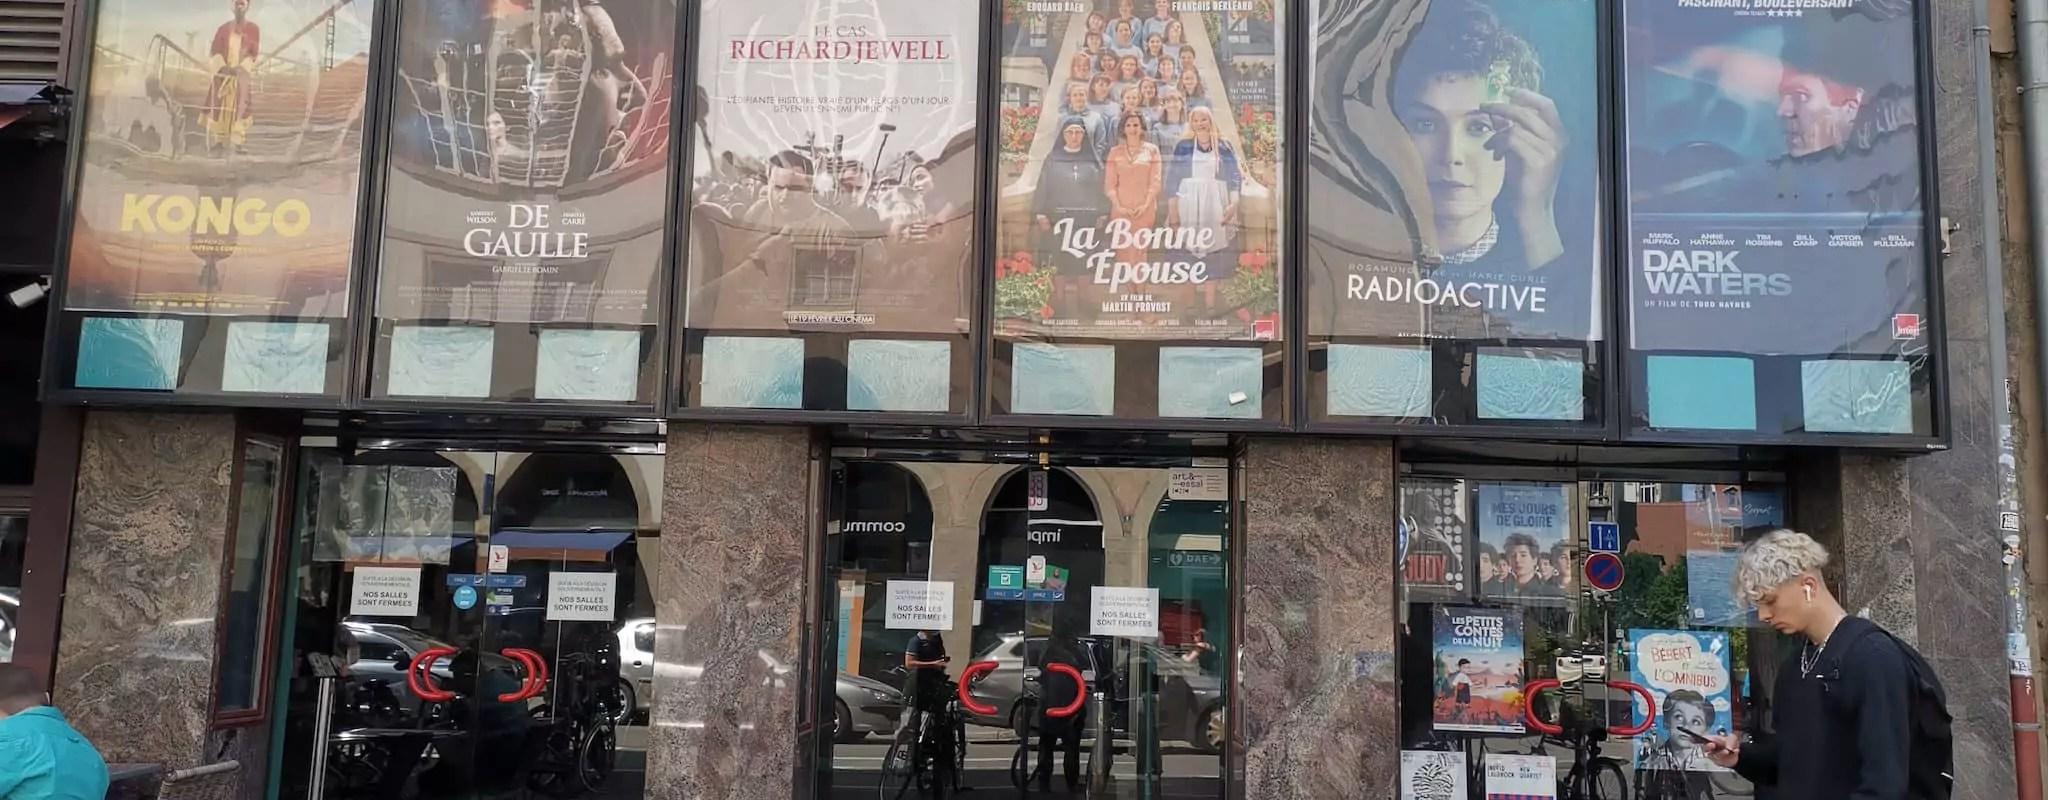 Moins de places et pas de films, l'équation incertaine des cinémas